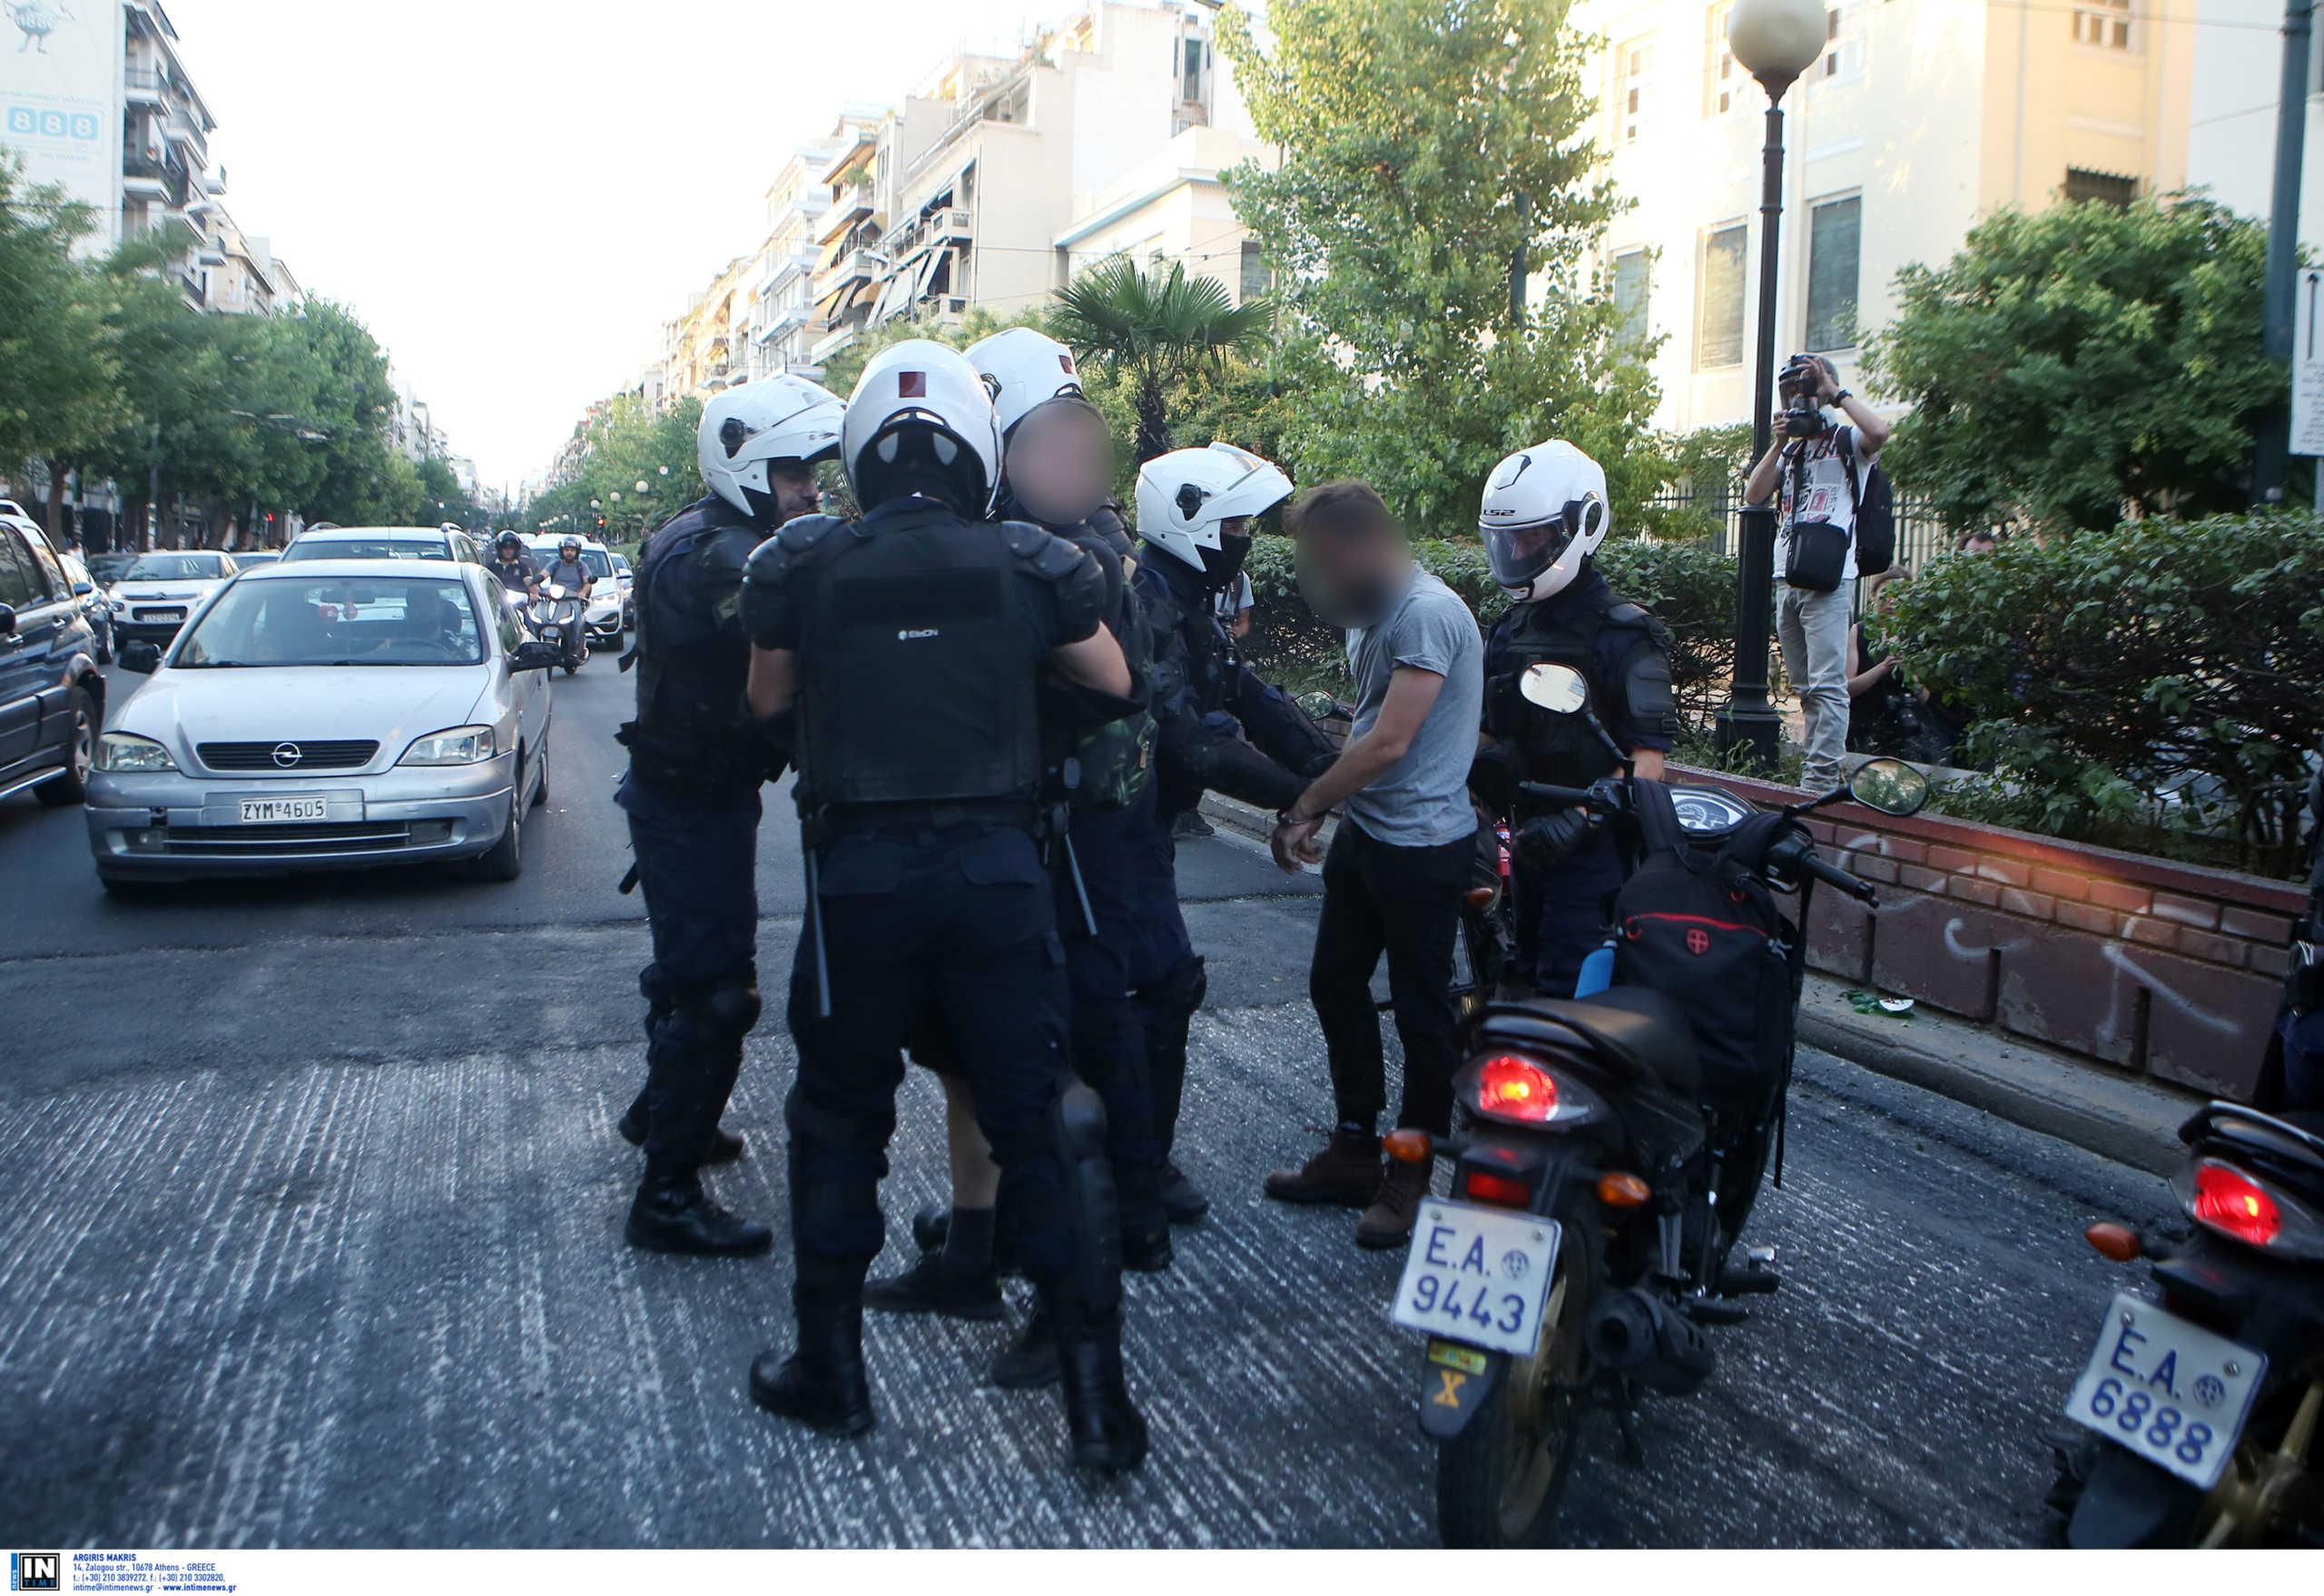 Θύελλα για το βίντεο με τους αστυνομικούς και τα… κοντάρια – Τι υποστηρίζει η ΕΛ.ΑΣ.